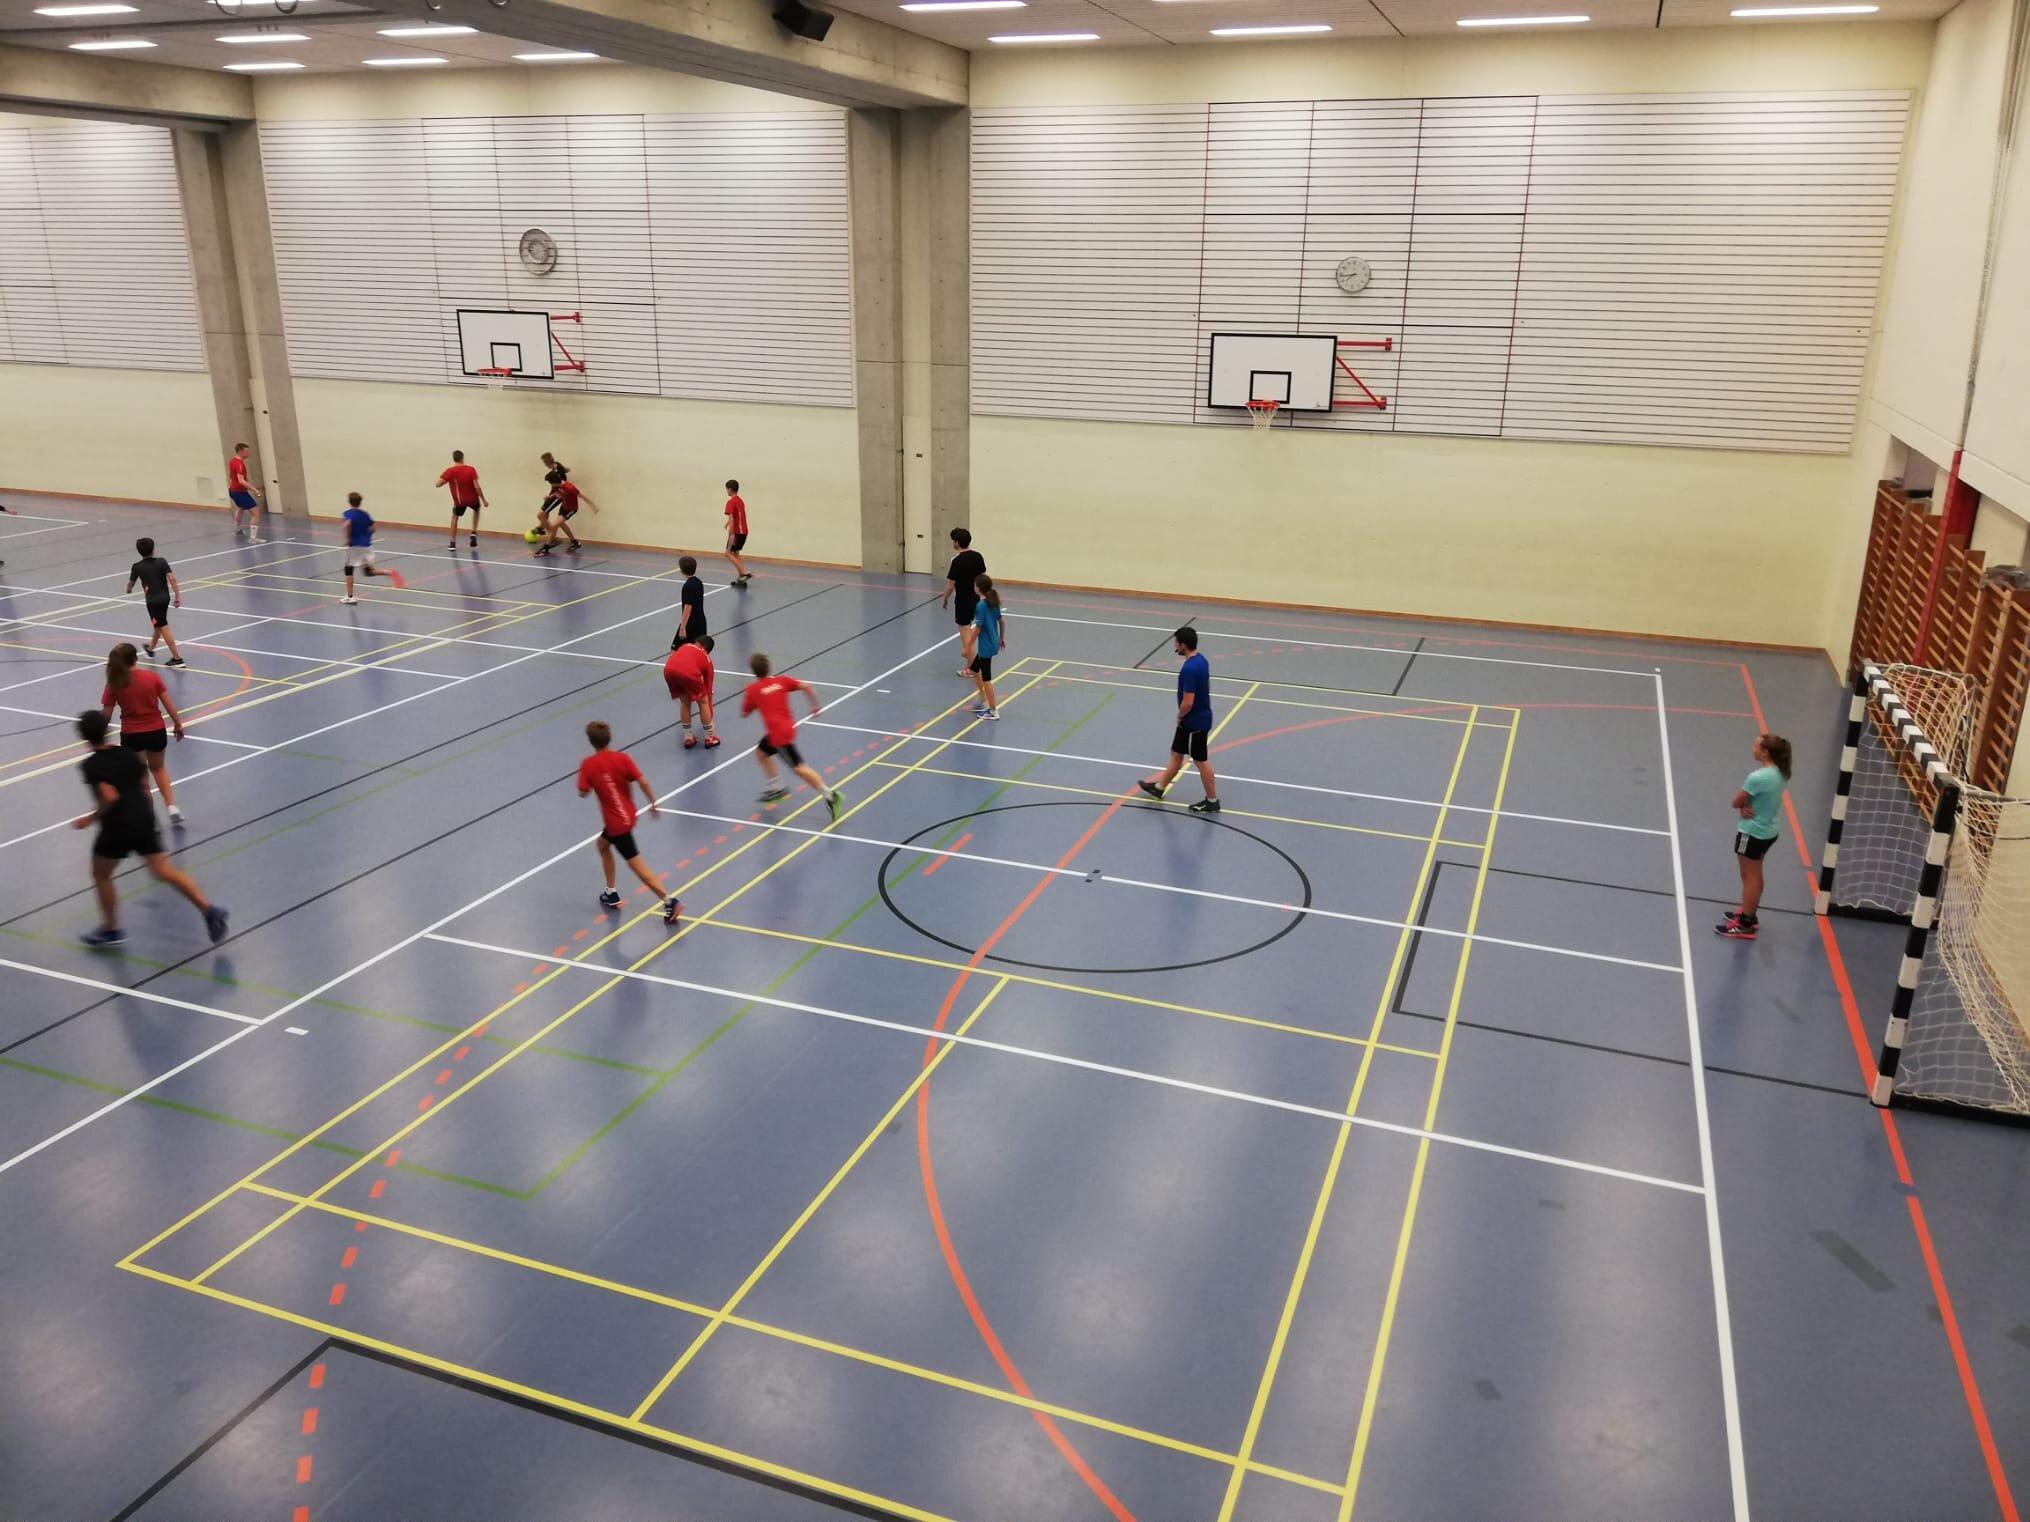 Unsere U15 & U17 Mannschaften geben bei der polysportiven Aktivität vollen Einsatz